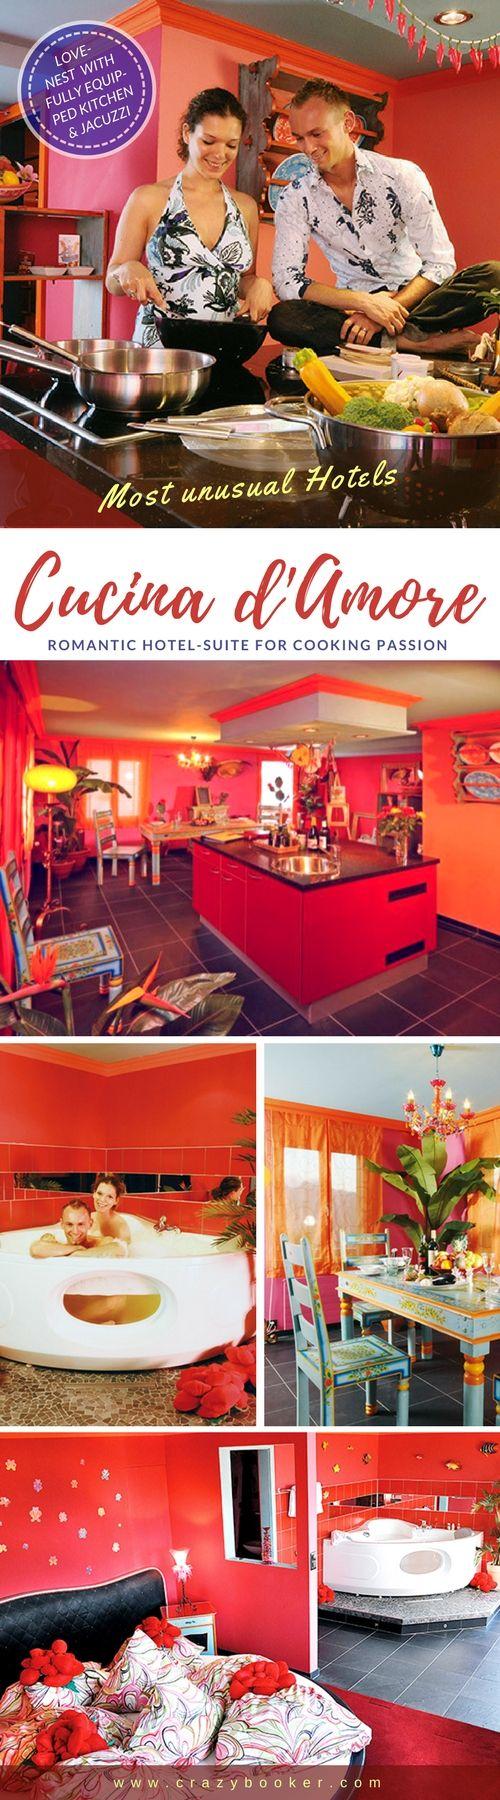 12 best Love Hotels | Erotische Hotelzimmer images on Pinterest ...